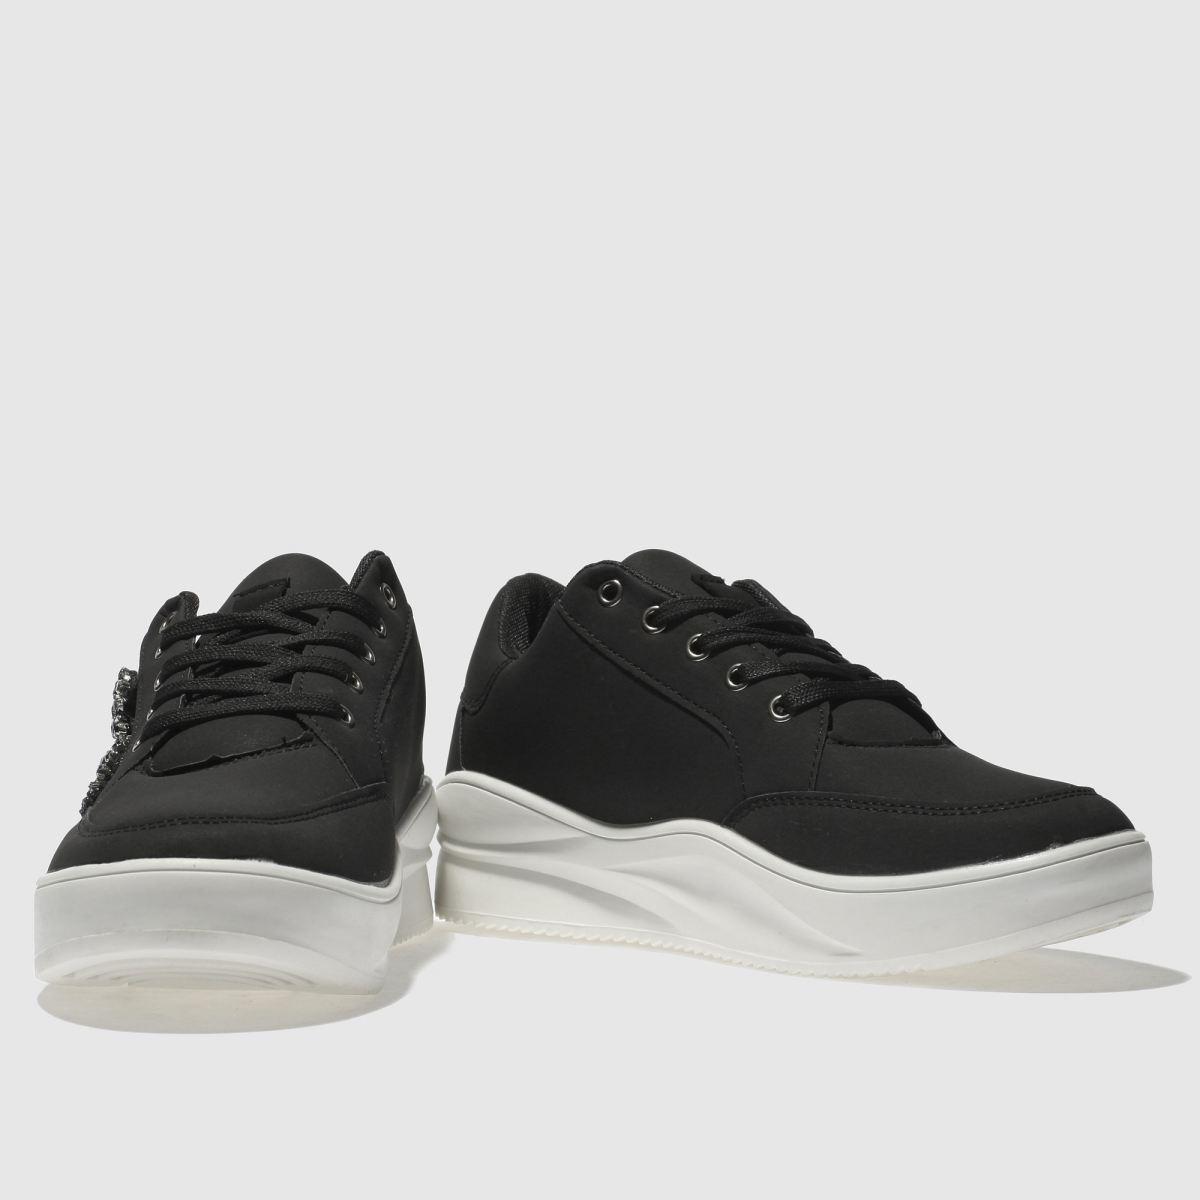 Damen Schwarz-weiß schuh Gute Majestic Flats | schuh Gute schuh Qualität beliebte Schuhe e112da